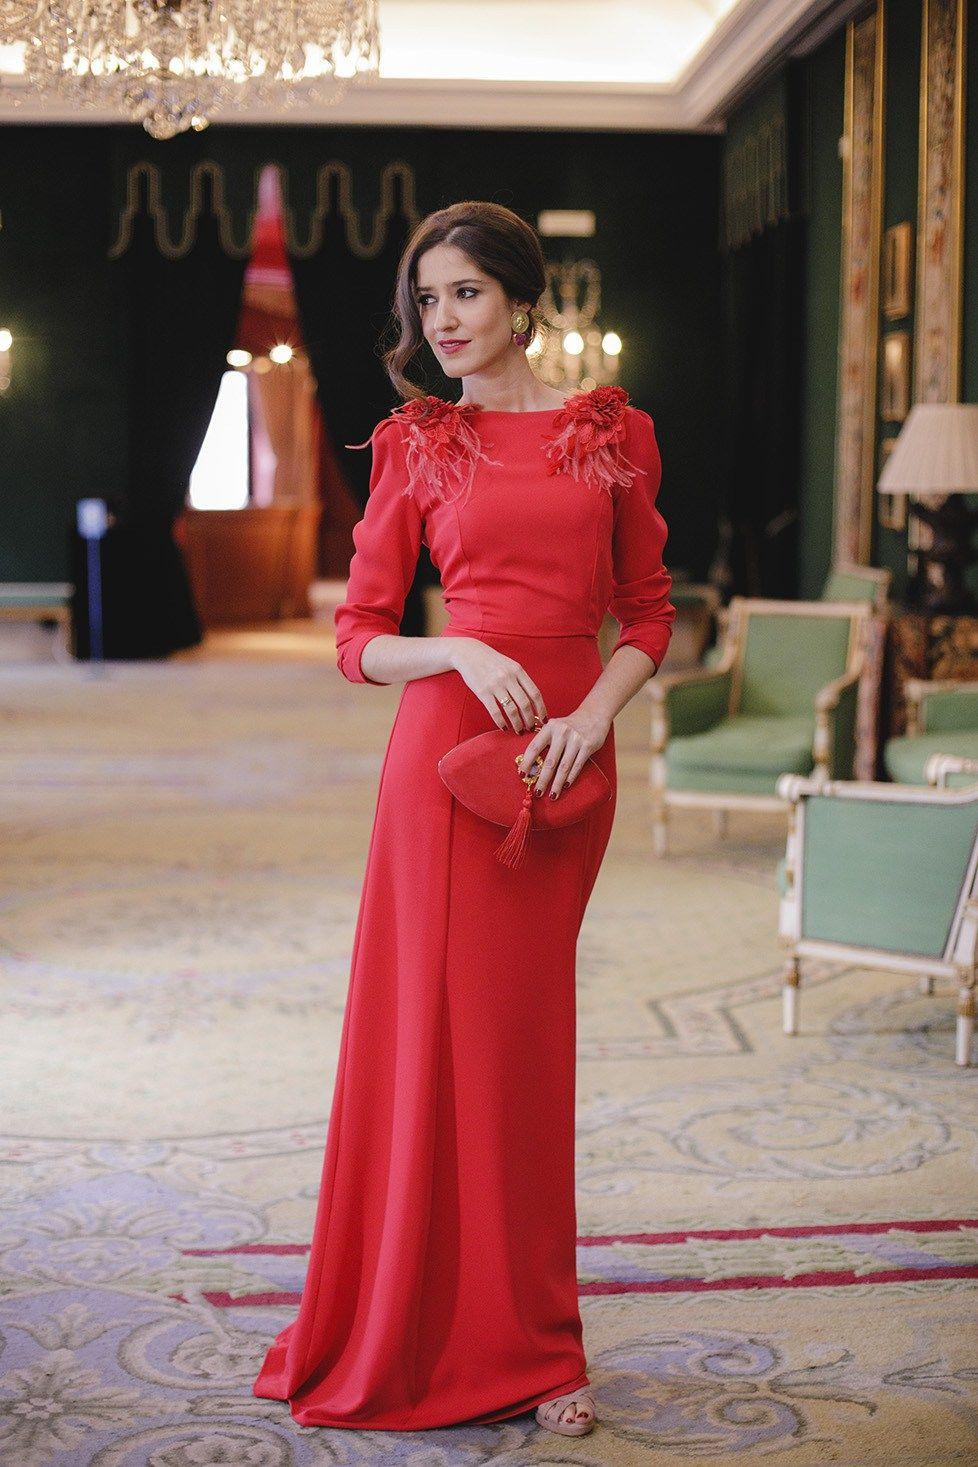 Look invitada boda noche vestido rojo largo espalda  1a5891d57701